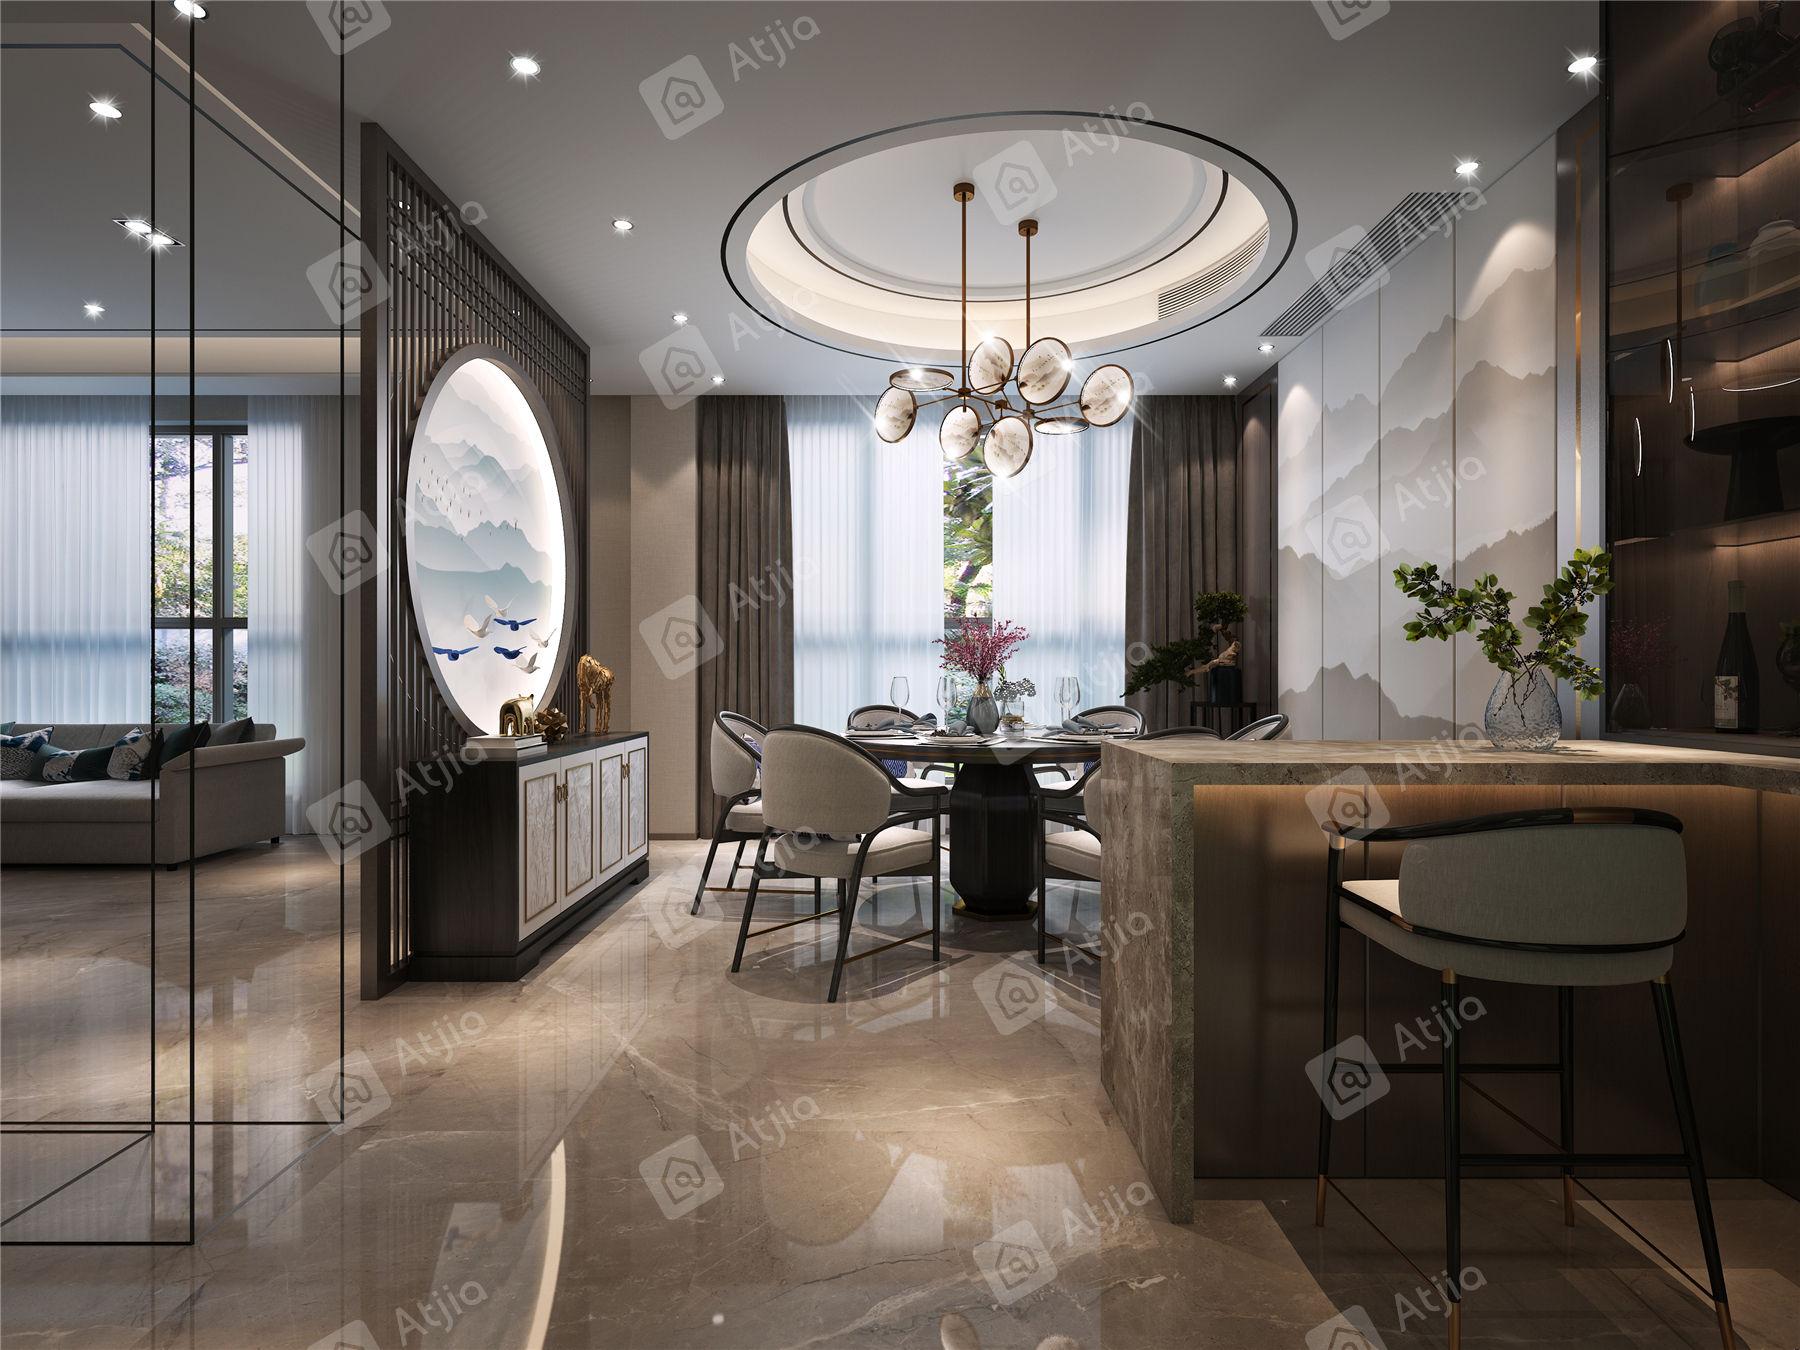 万濠瑜园 新中式装修餐厅效果图